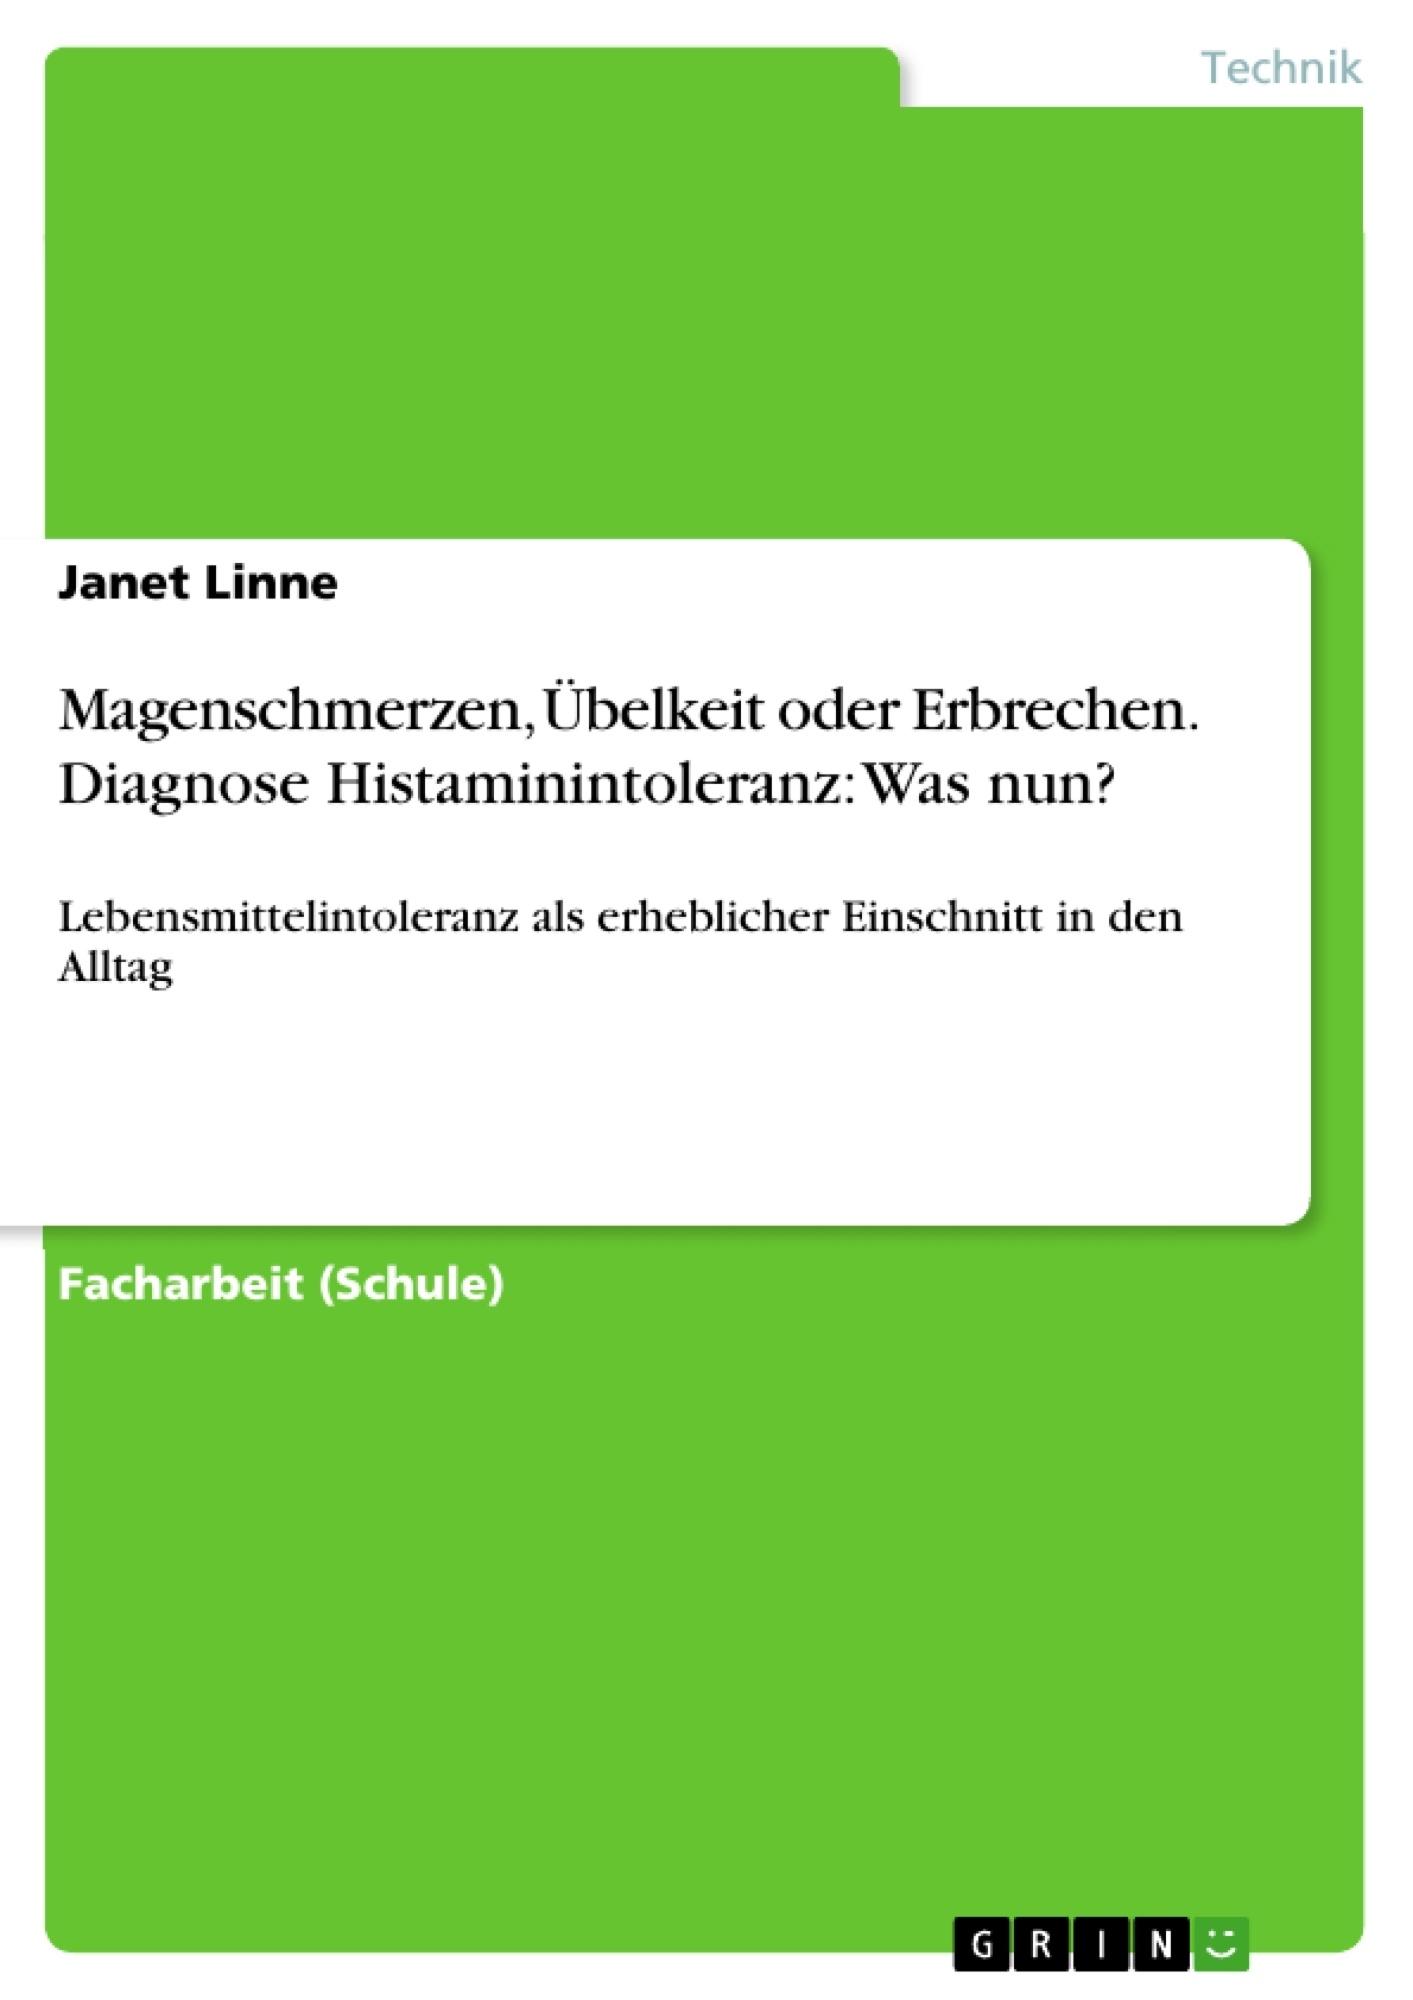 Titel: Magenschmerzen, Übelkeit oder Erbrechen. Diagnose Histaminintoleranz: Was nun?